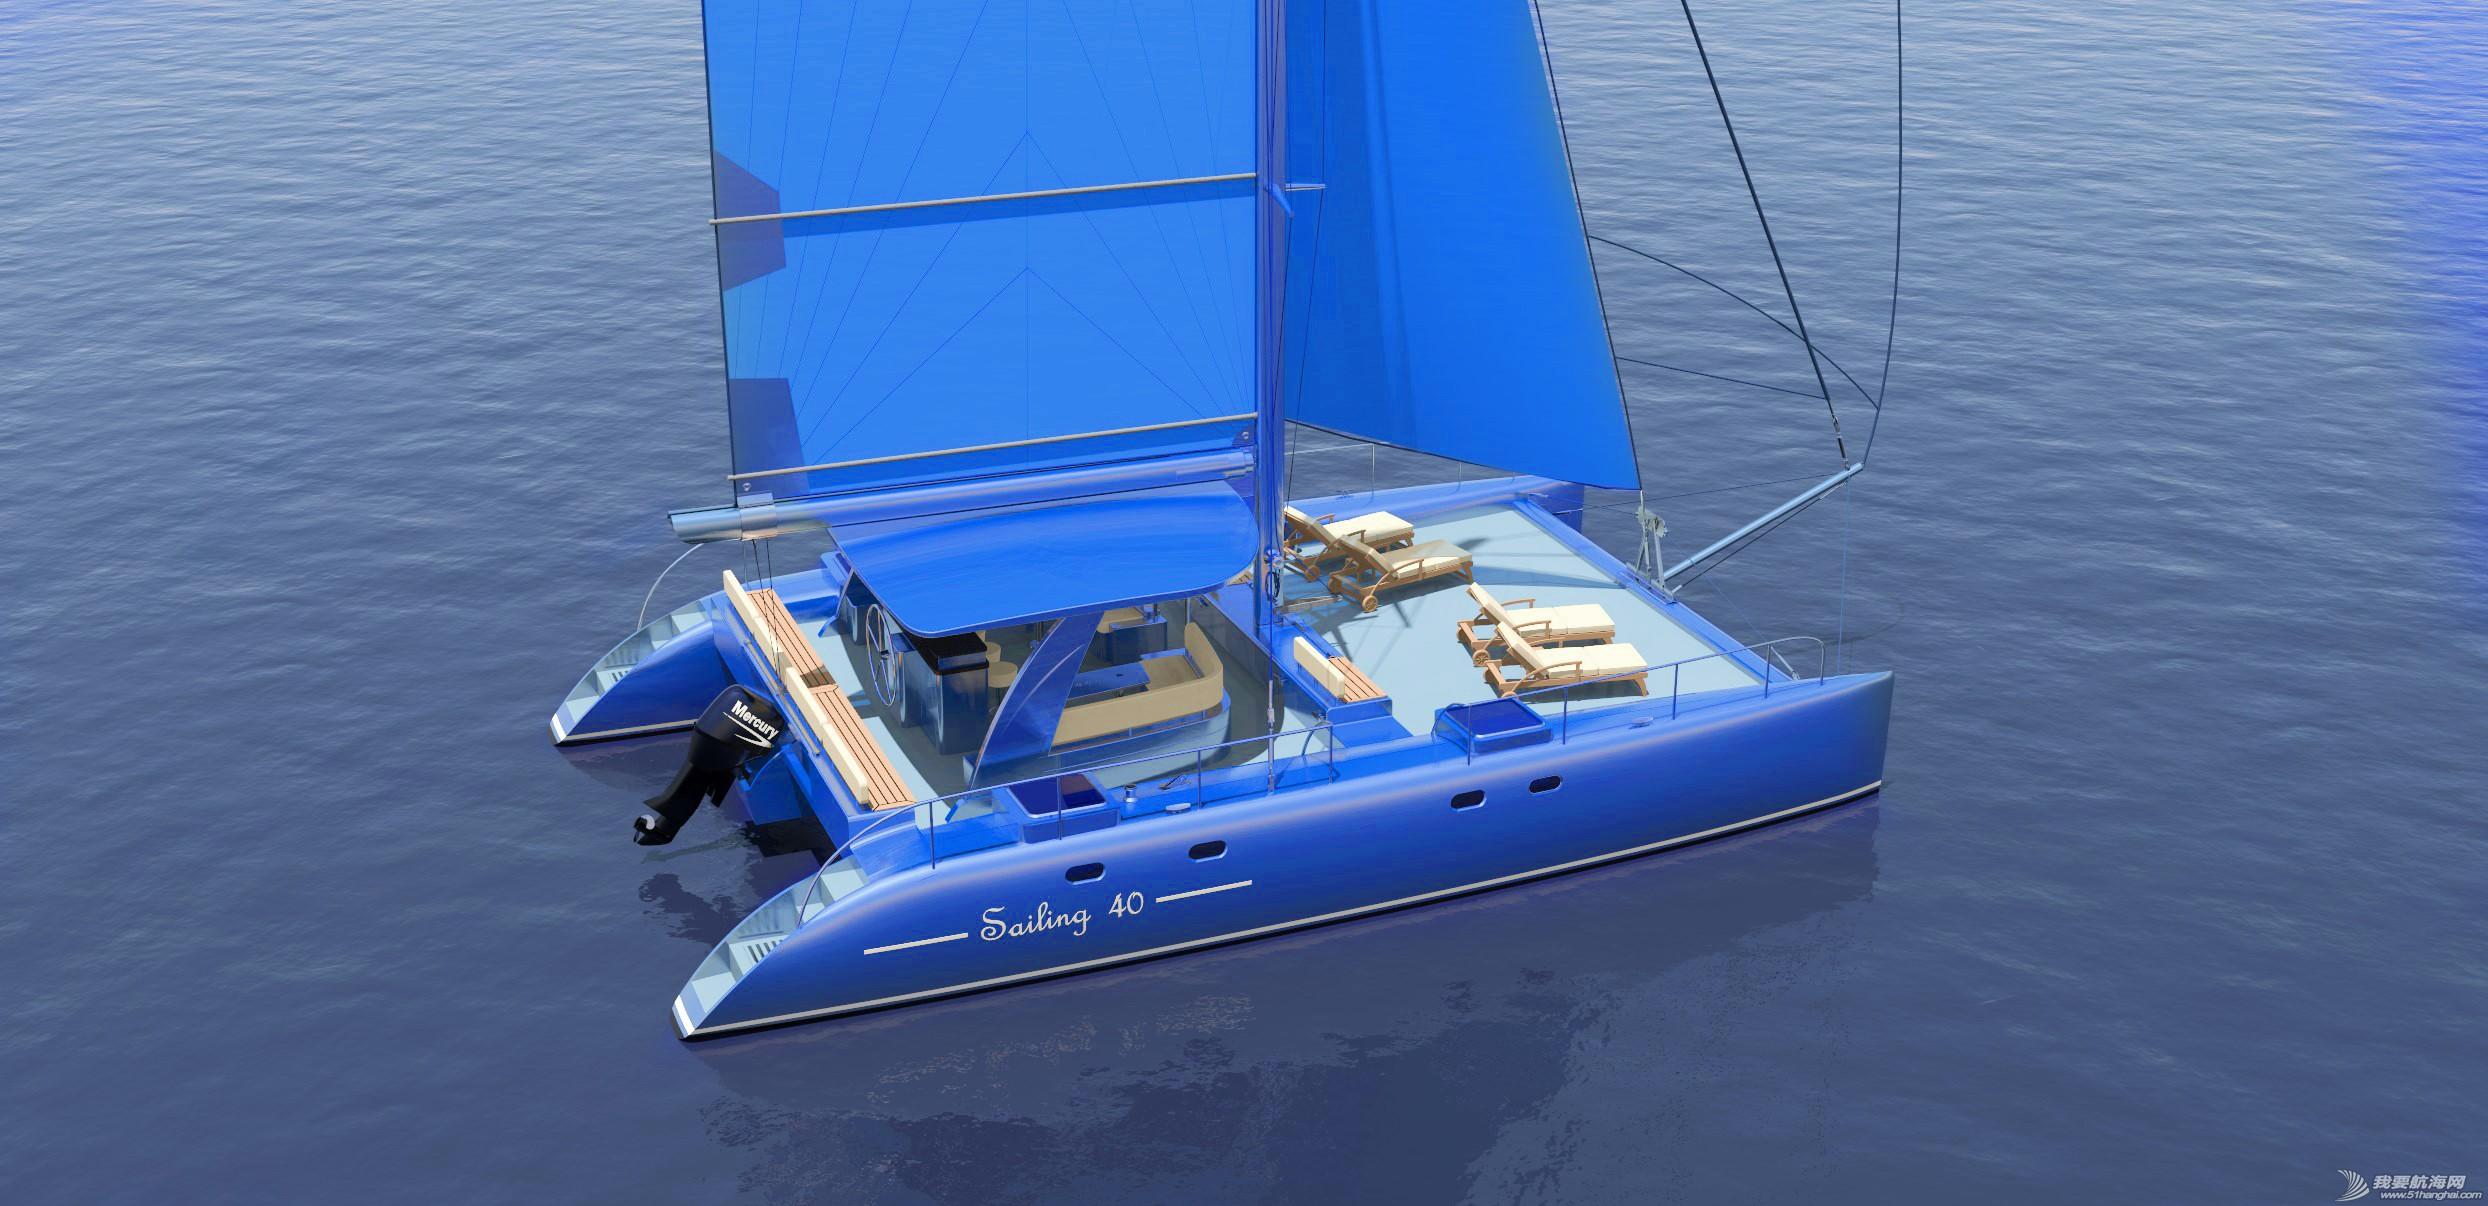 休闲旅游,有限公司,帆船,证书,日照 40英尺双体帆船,比赛休闲两用,法定船检证书和试航证书 可以选择颜色